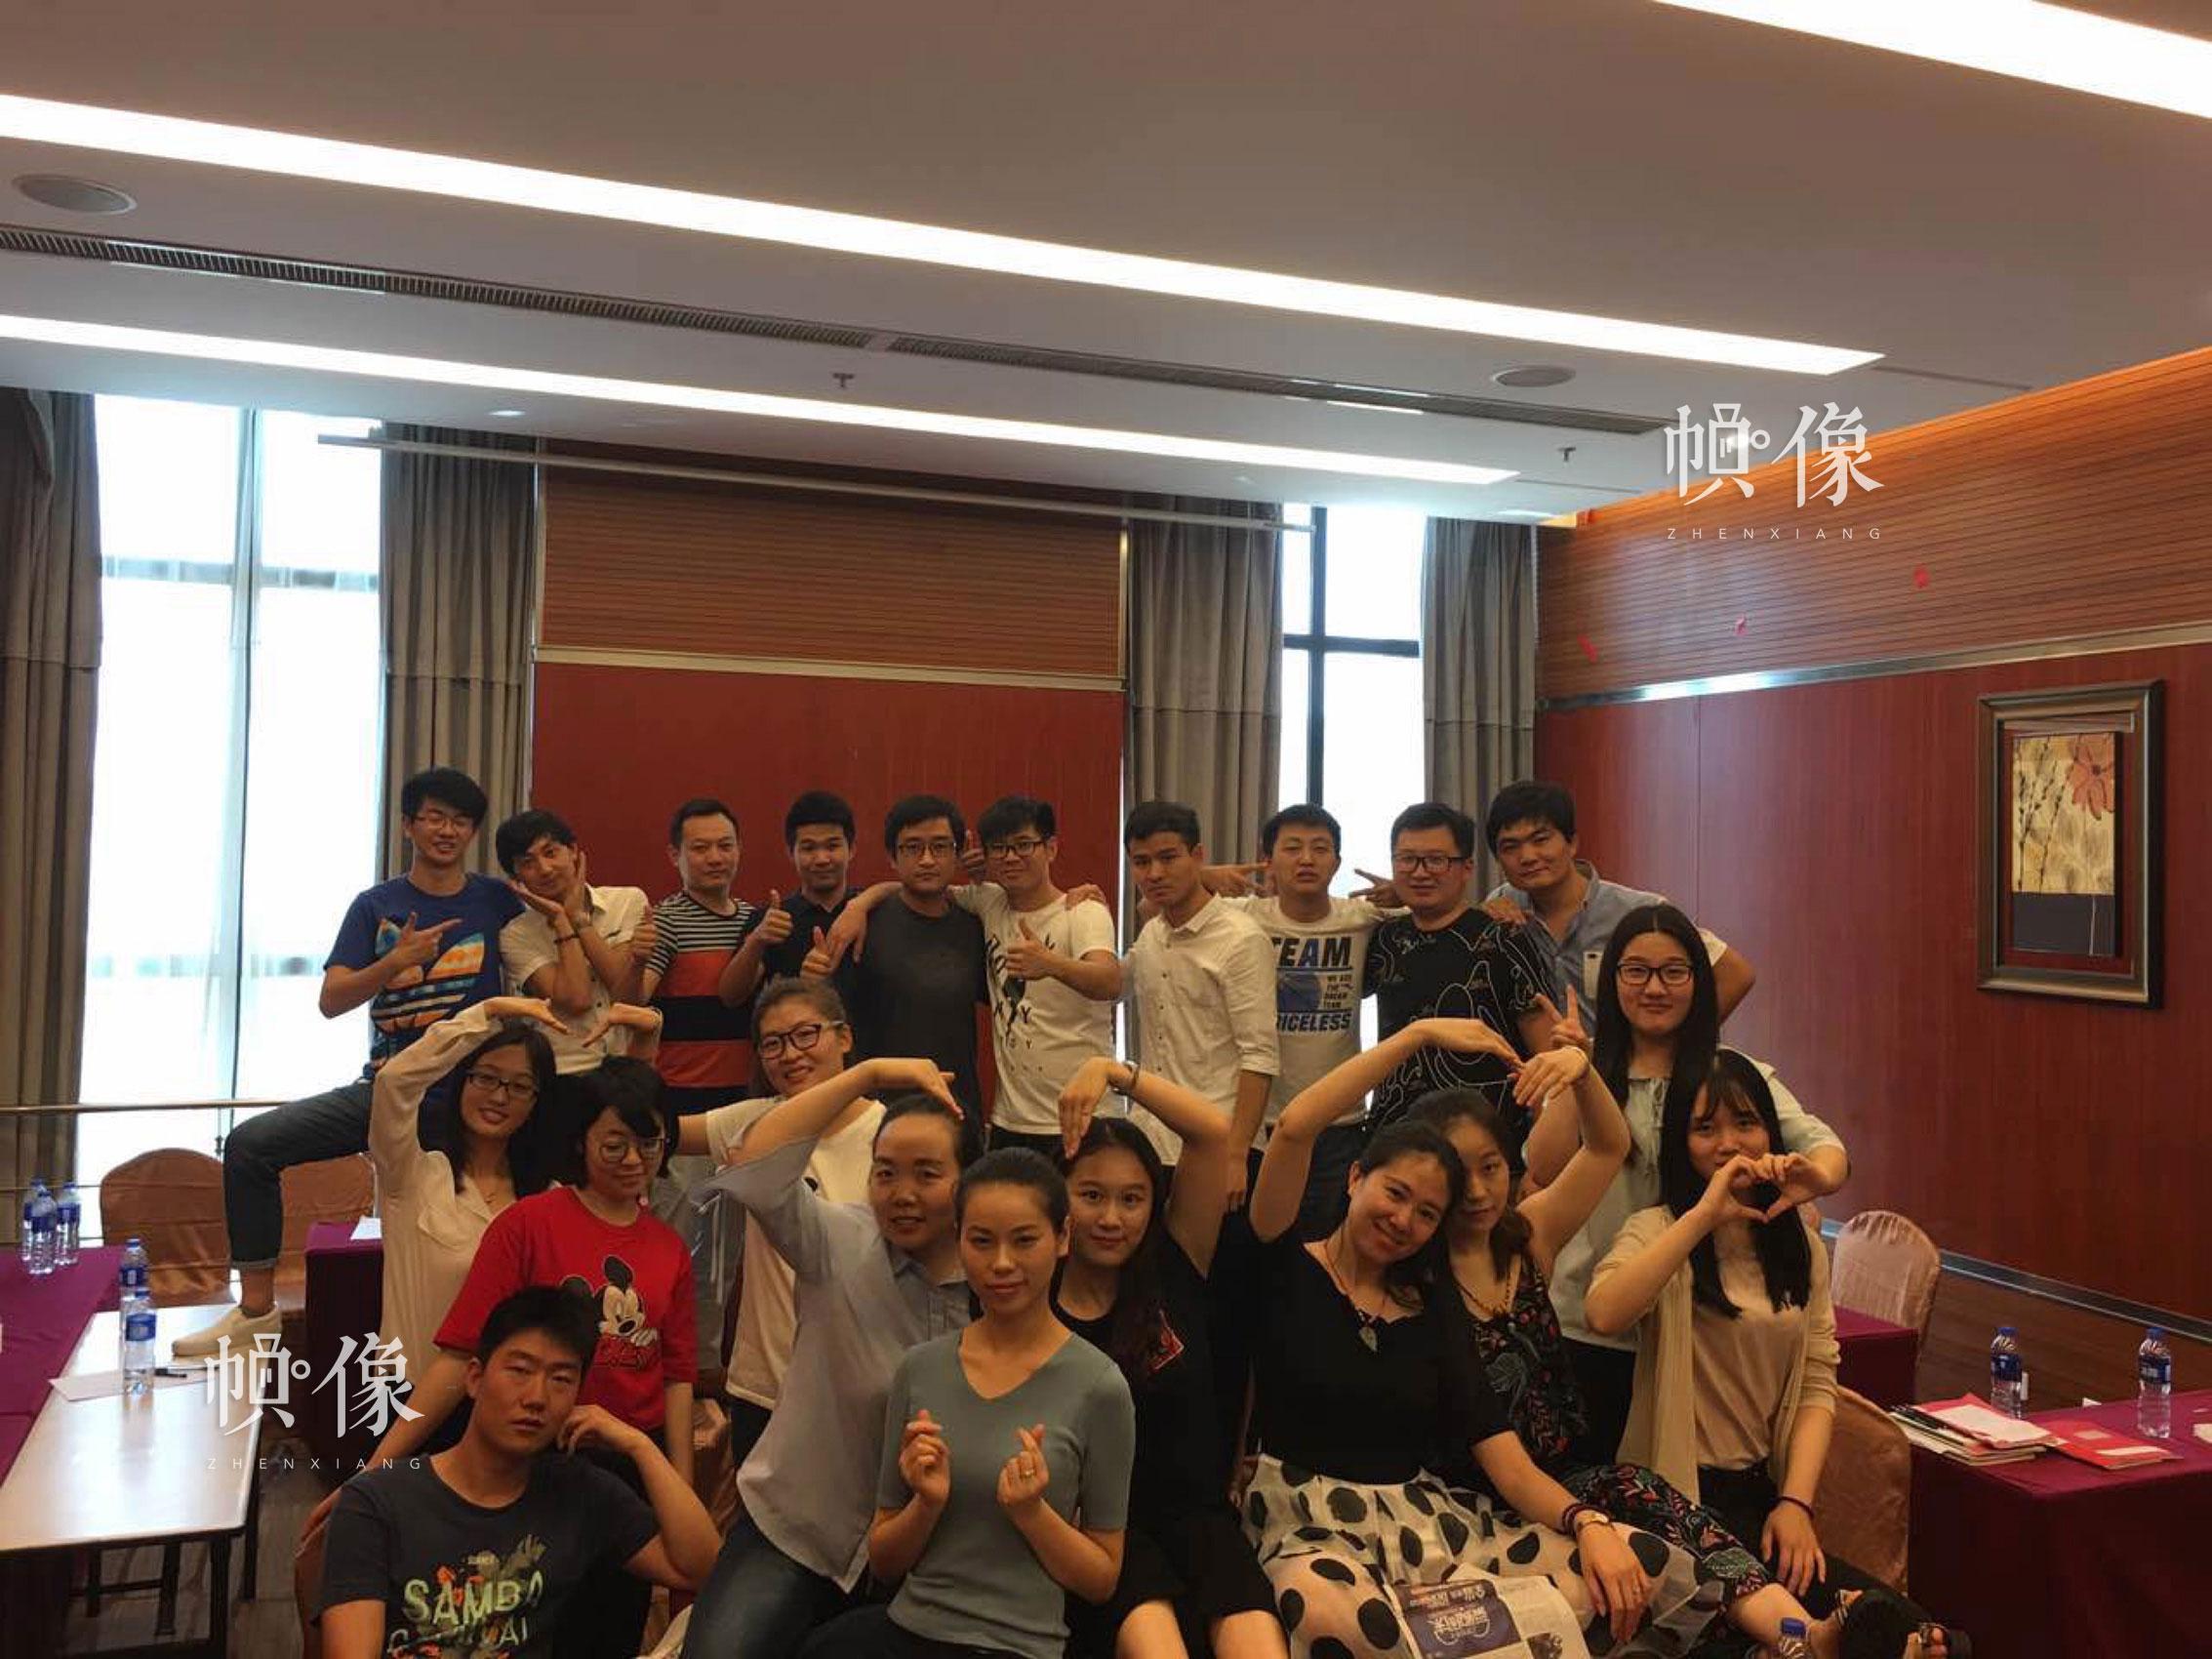 图为华图教育培训的同学合影留念。 华图教育供图